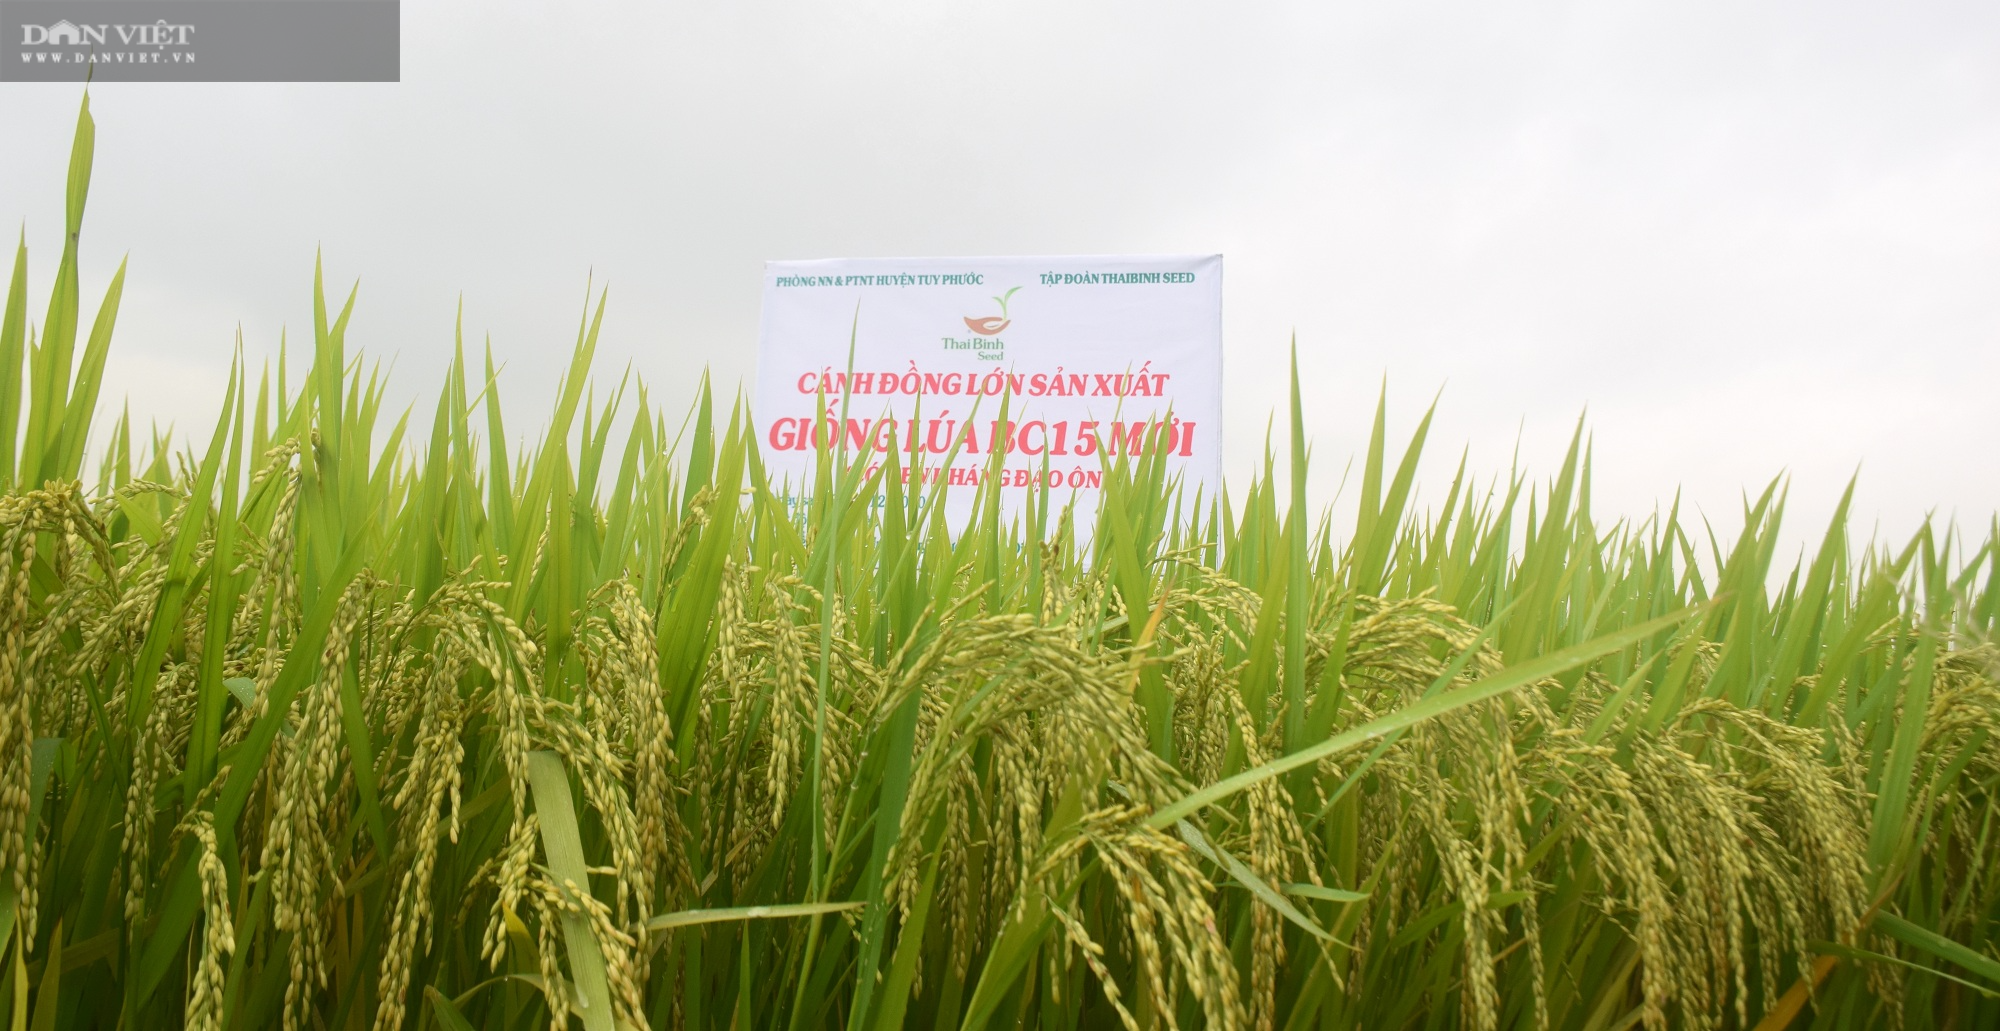 Hiệu quả bất ngờ từ giống lúa BC15 của ThaiBinh Seed trên đất Bình Định - Ảnh 3.